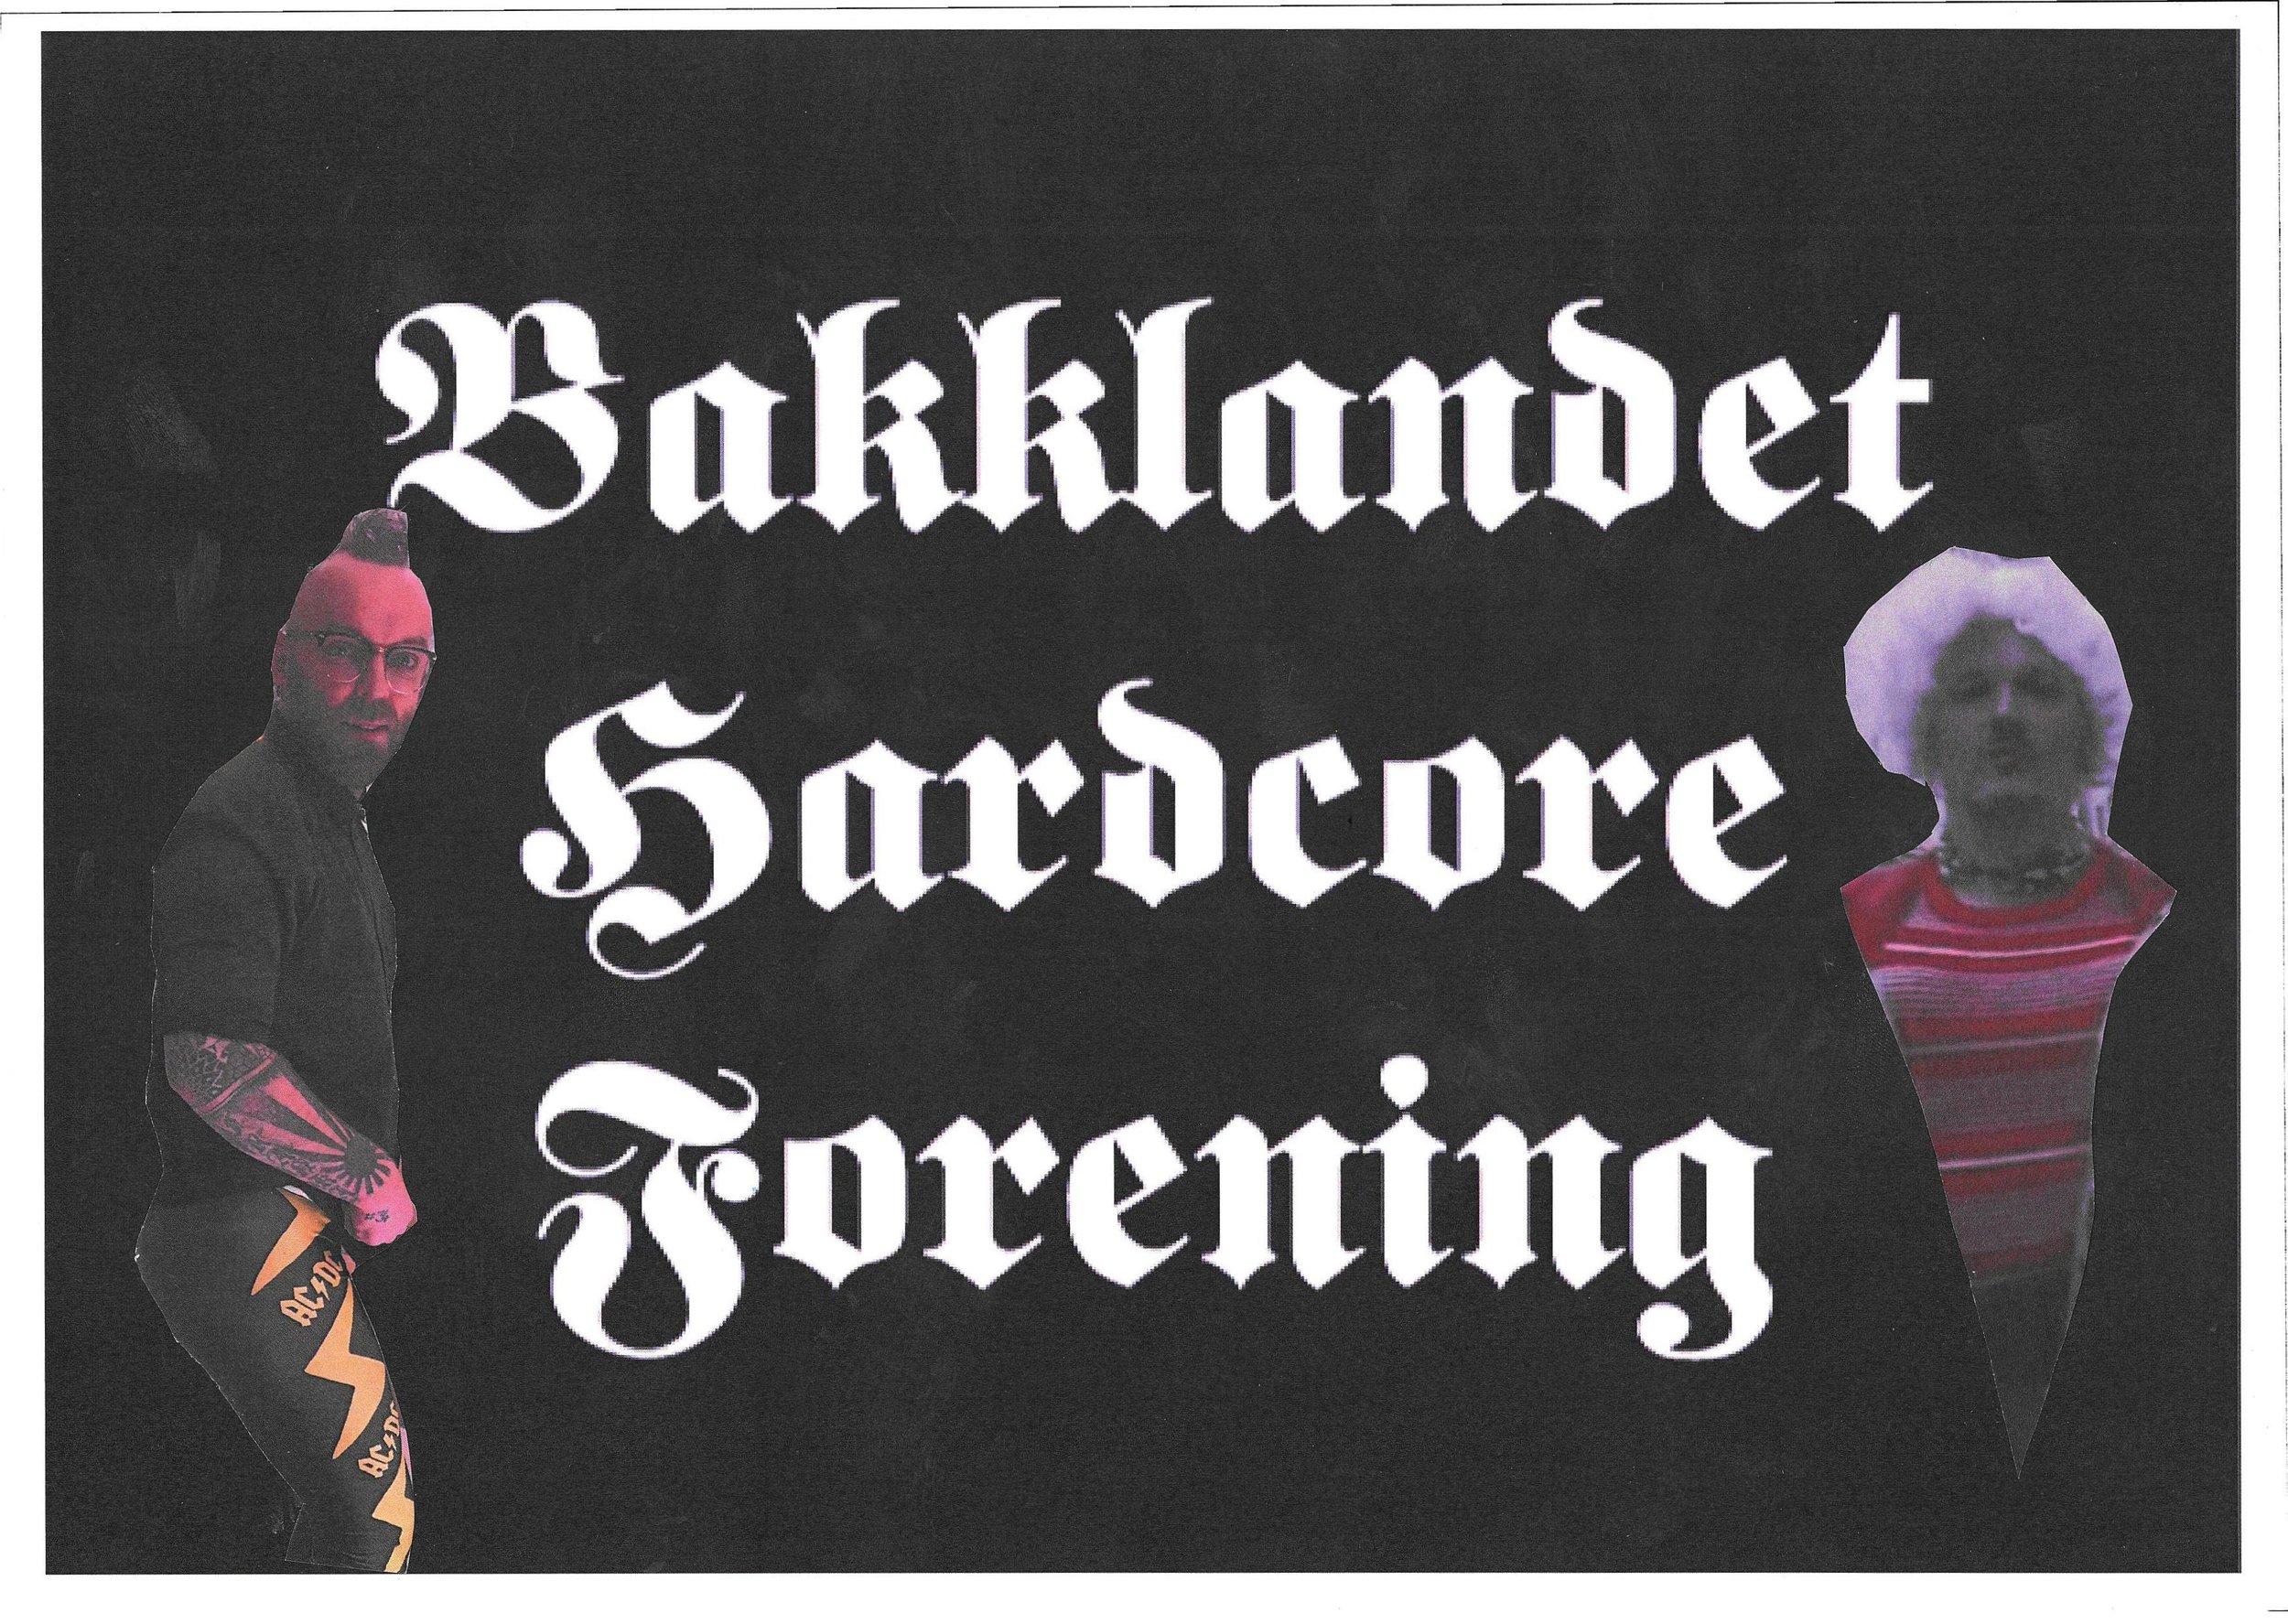 Bakklandet Hardcore Forening